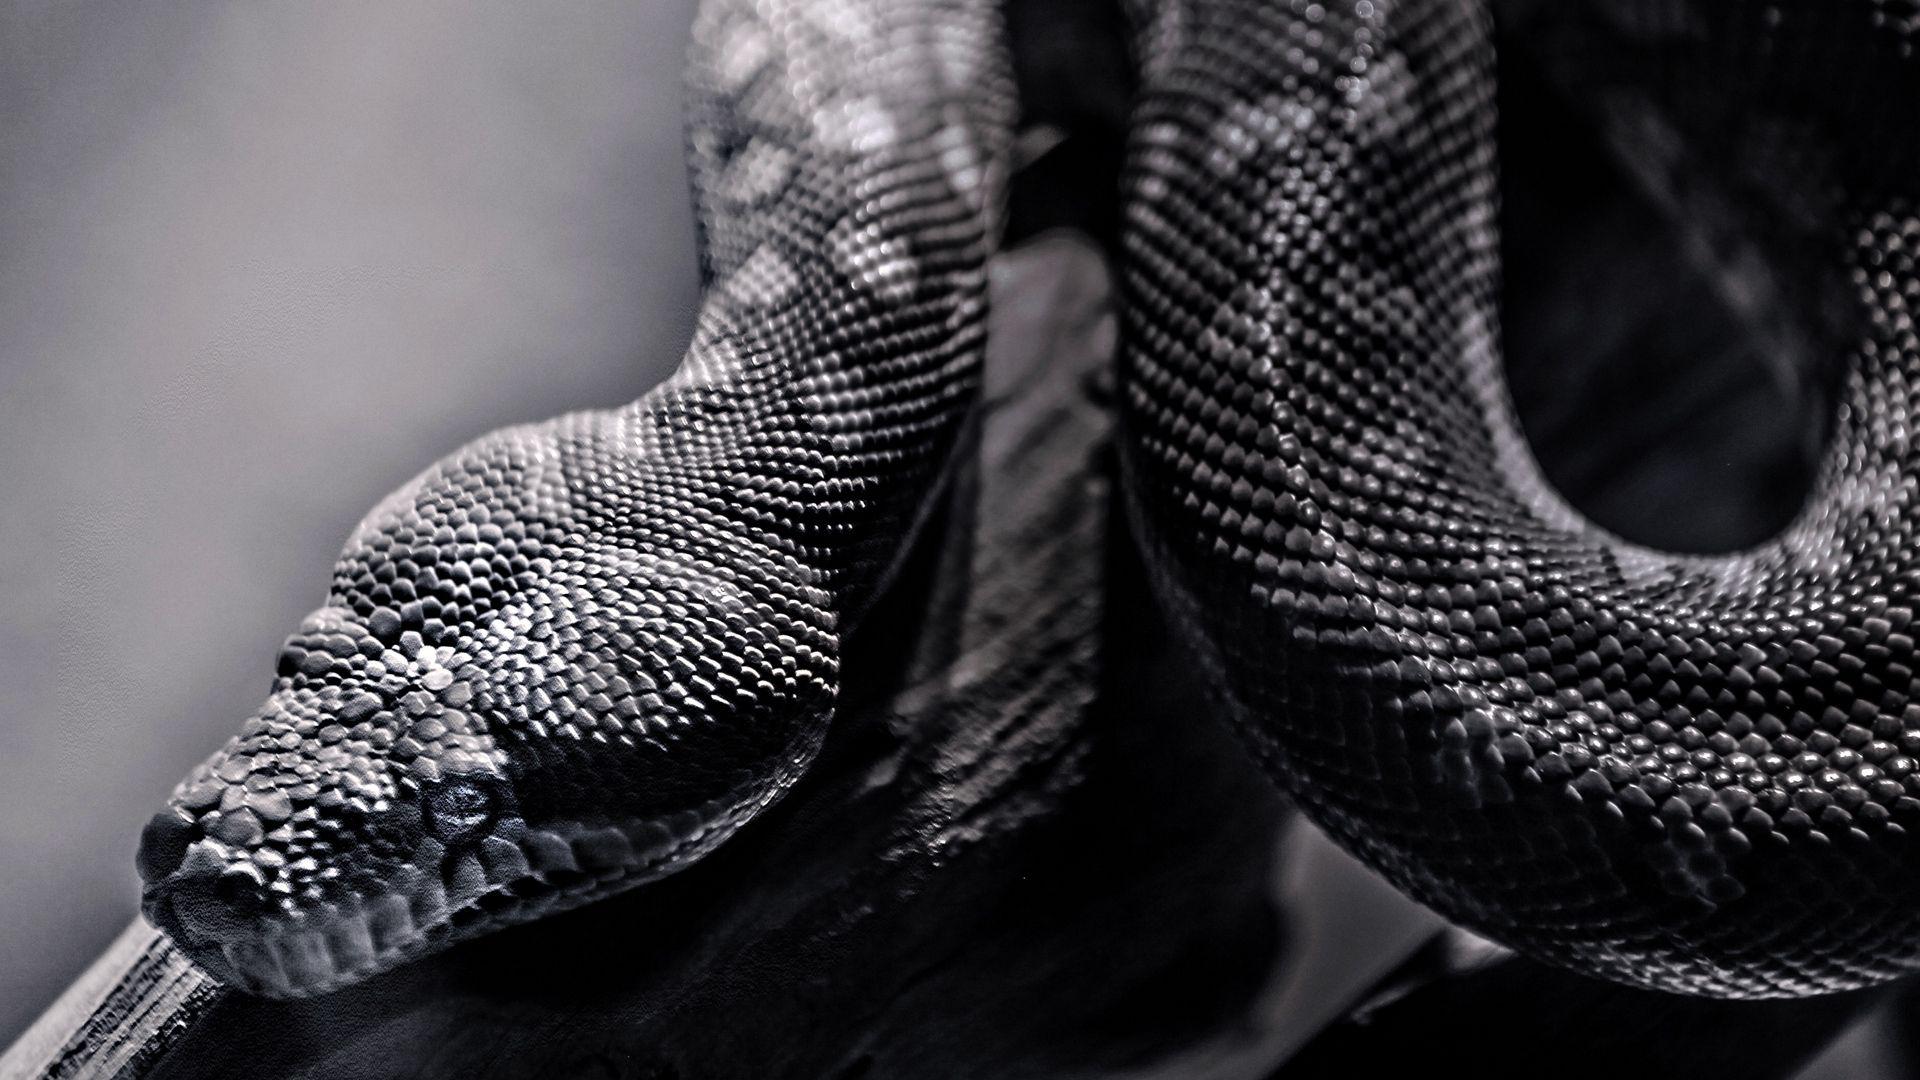 Black Snake Wallpaper